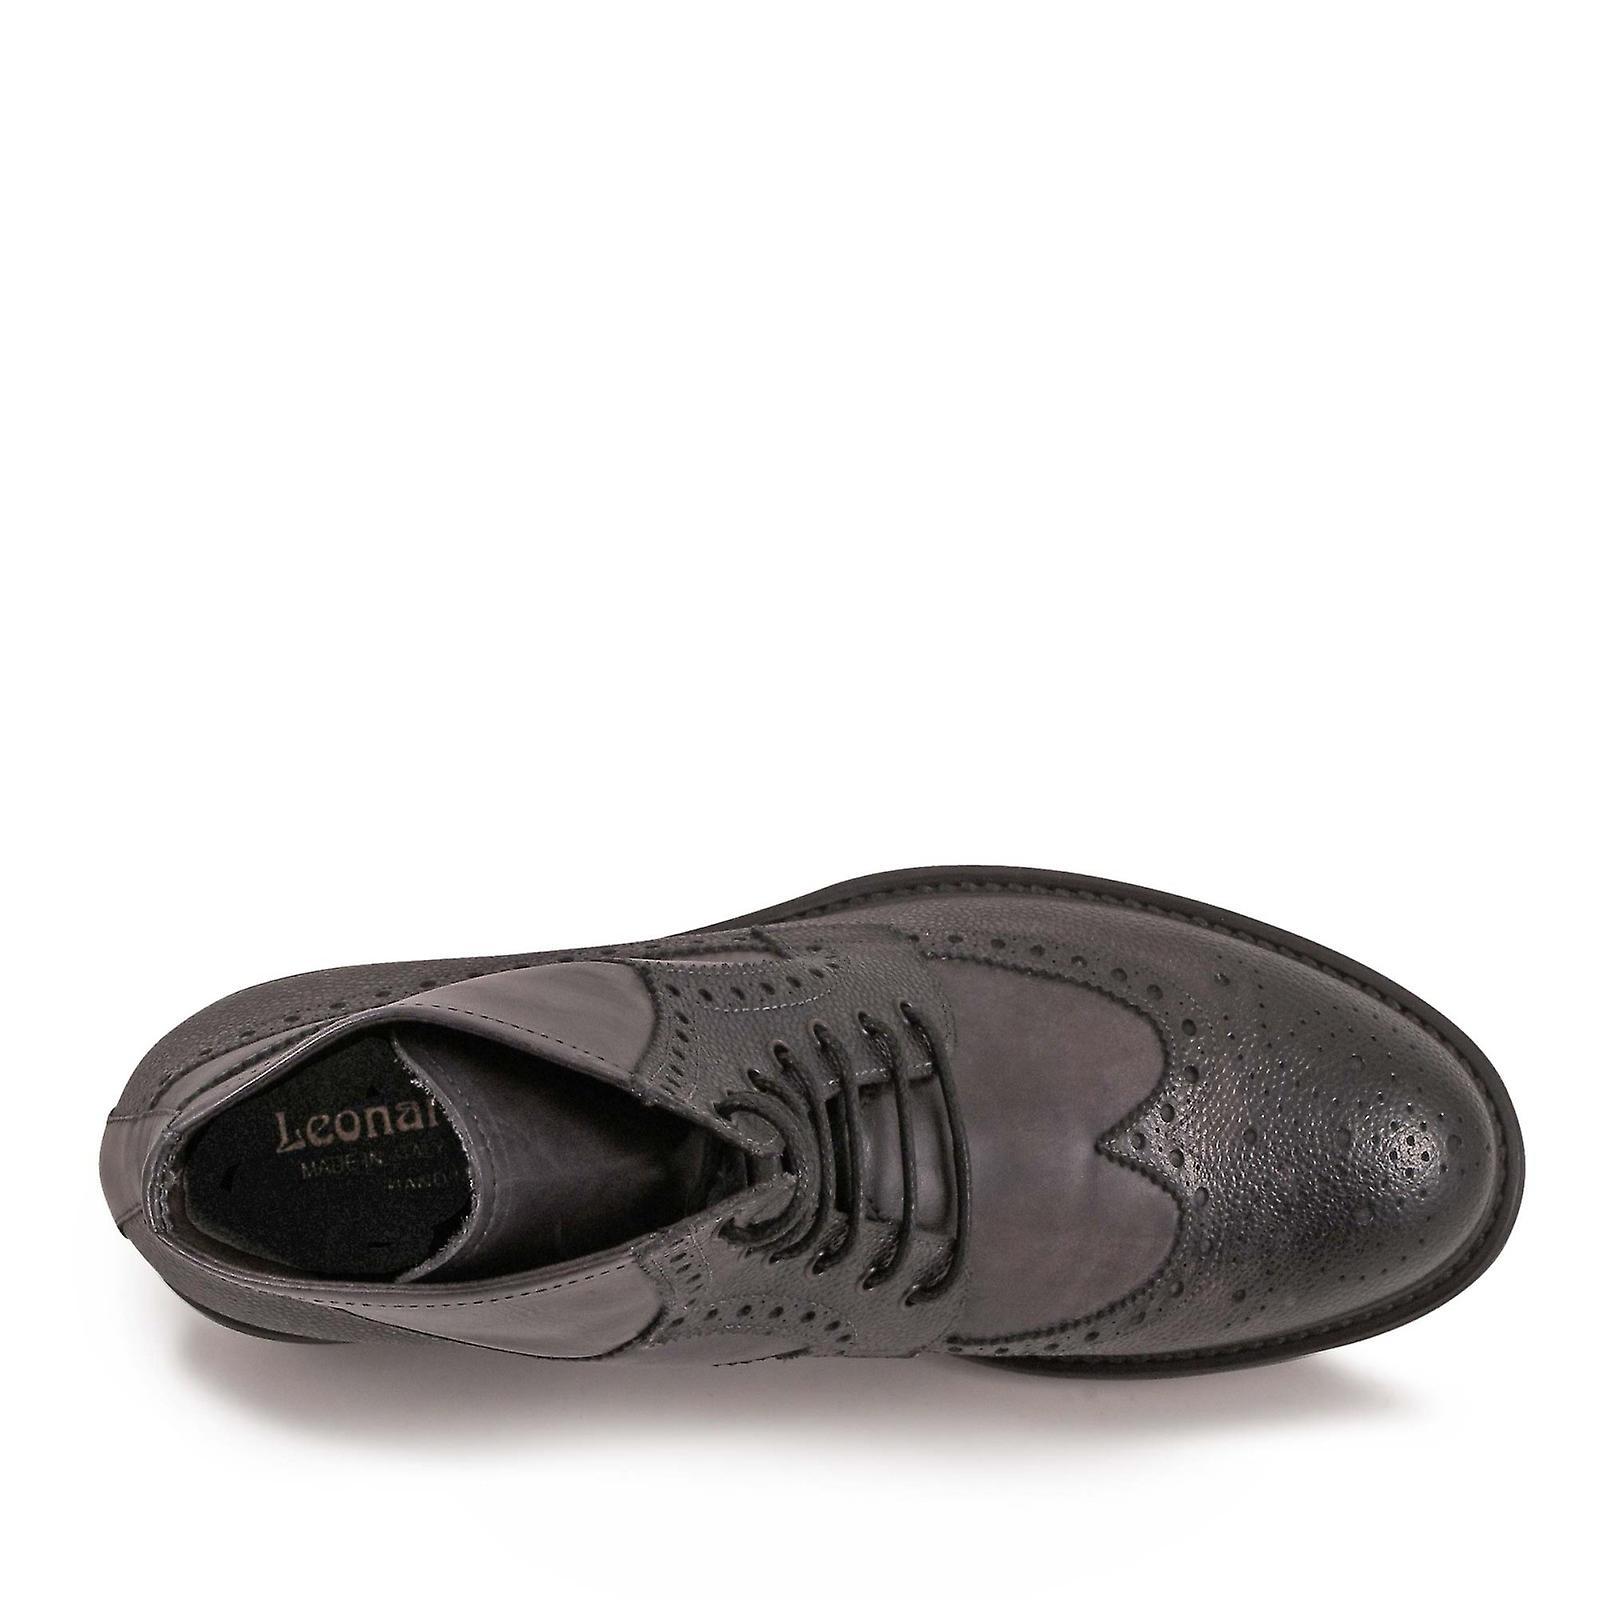 Handgemaakte Oxford lace-up enkel laarzen grijze kleur - Gratis verzending PGVYuD